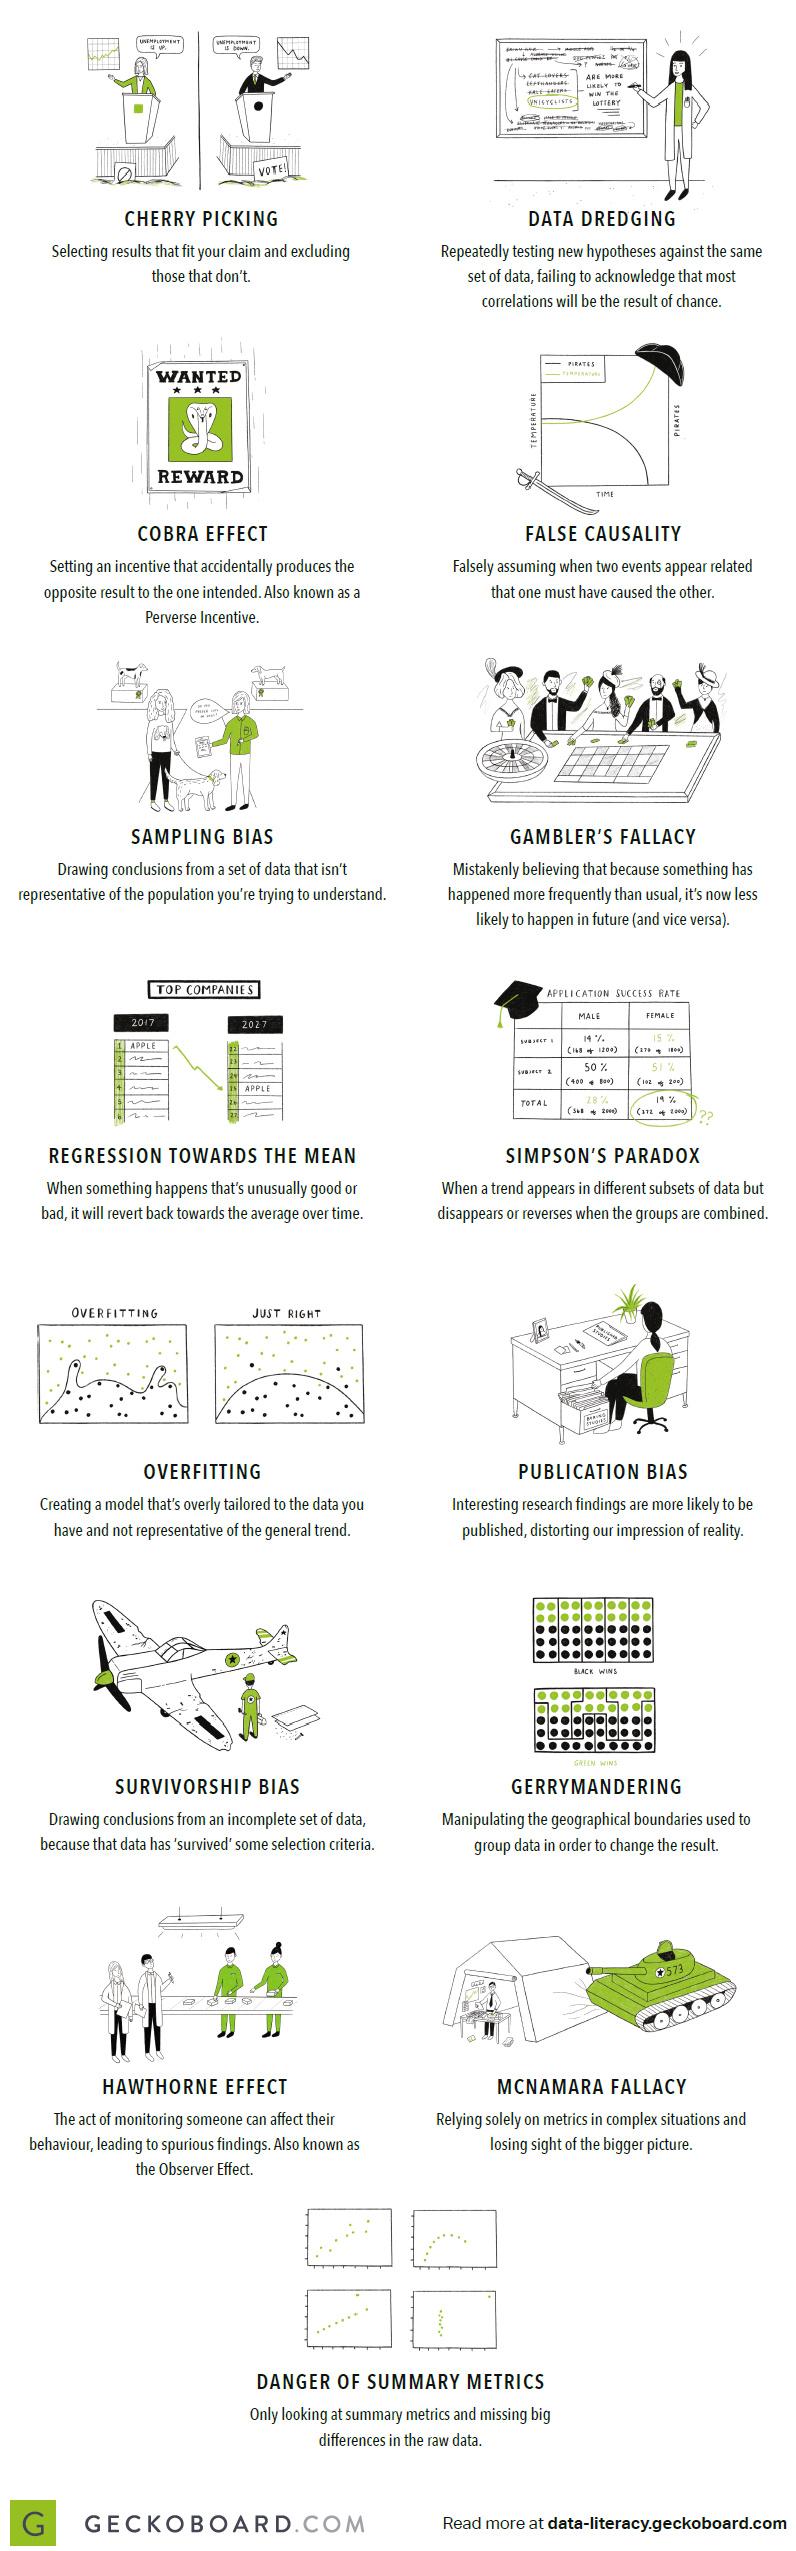 15 chyb při analýze dat